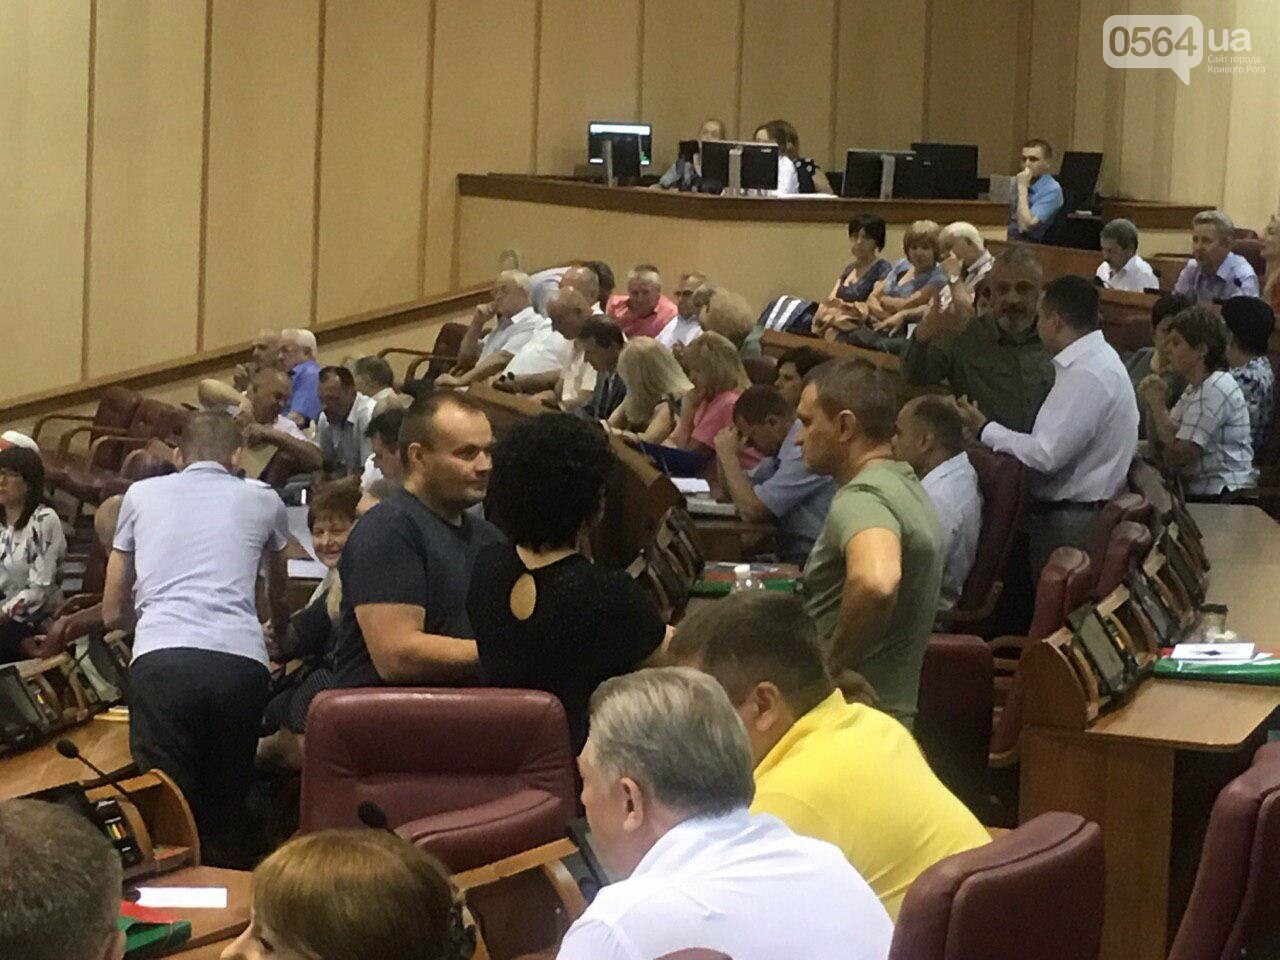 Депутат, который служит в зоне ООС, покинул фракцию Опоблока в Криворожском горсовете , - ФОТО, фото-9